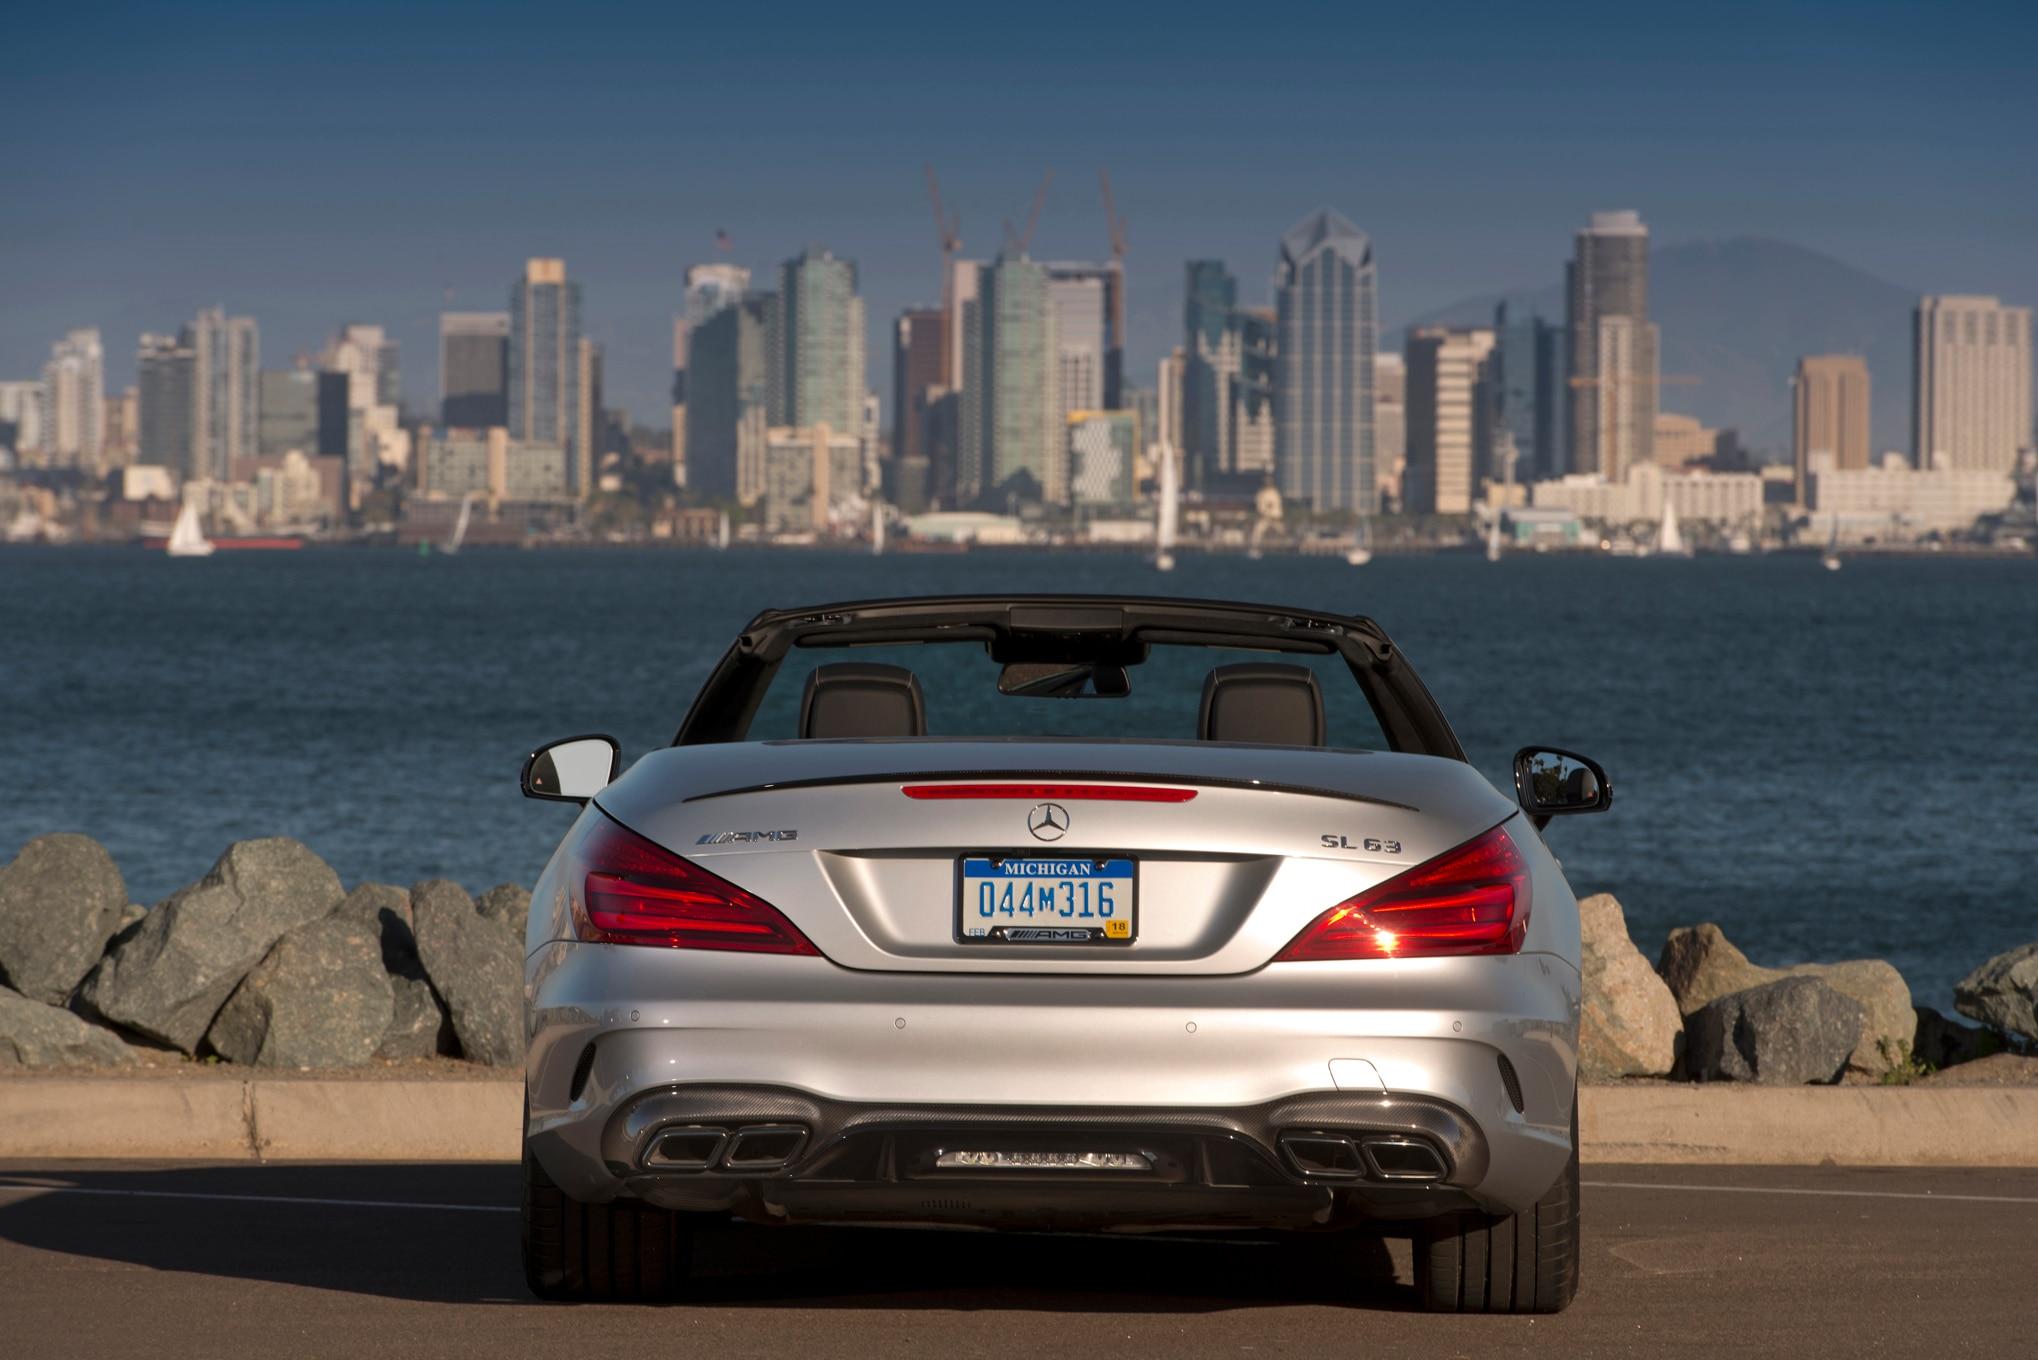 http://st.automobilemag.com/uploads/sites/11/2016/02/2017-Mercedes-AMG-SL63-rear-end.jpg